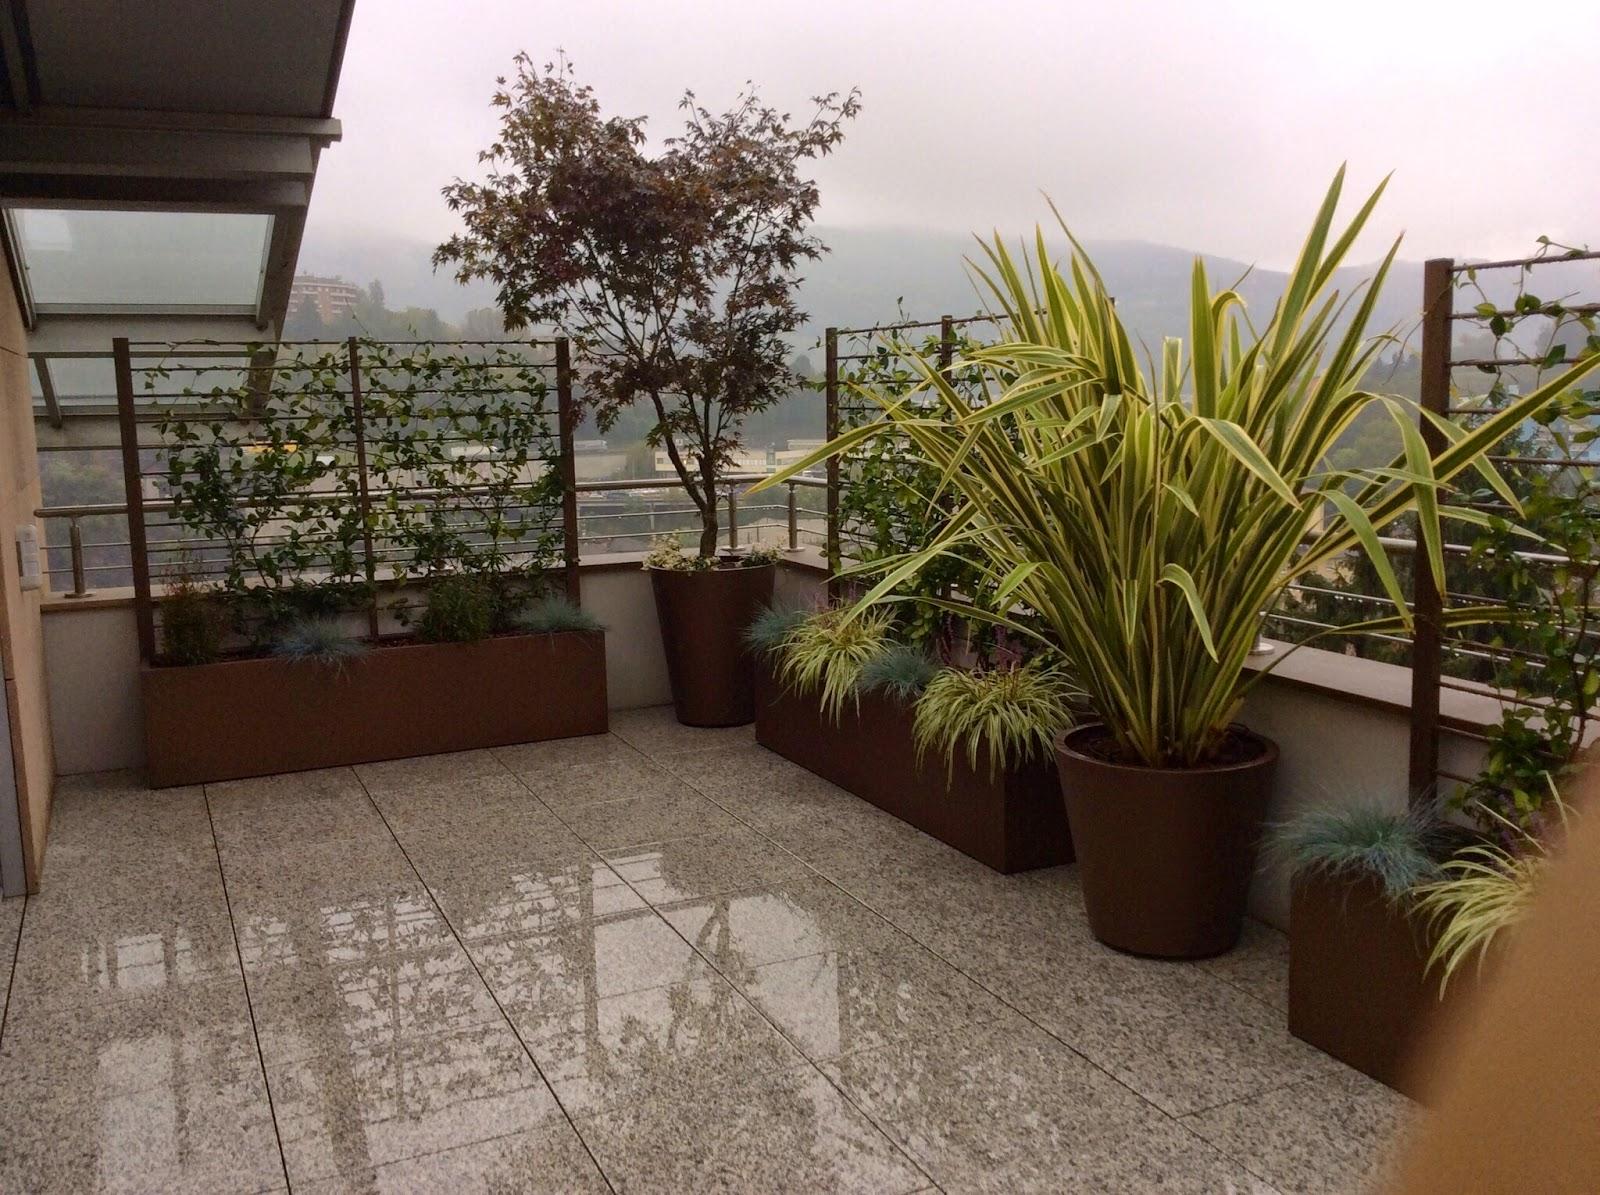 Martin design ita arredo per terrazzi con fioriere su misura for Fioriera lara